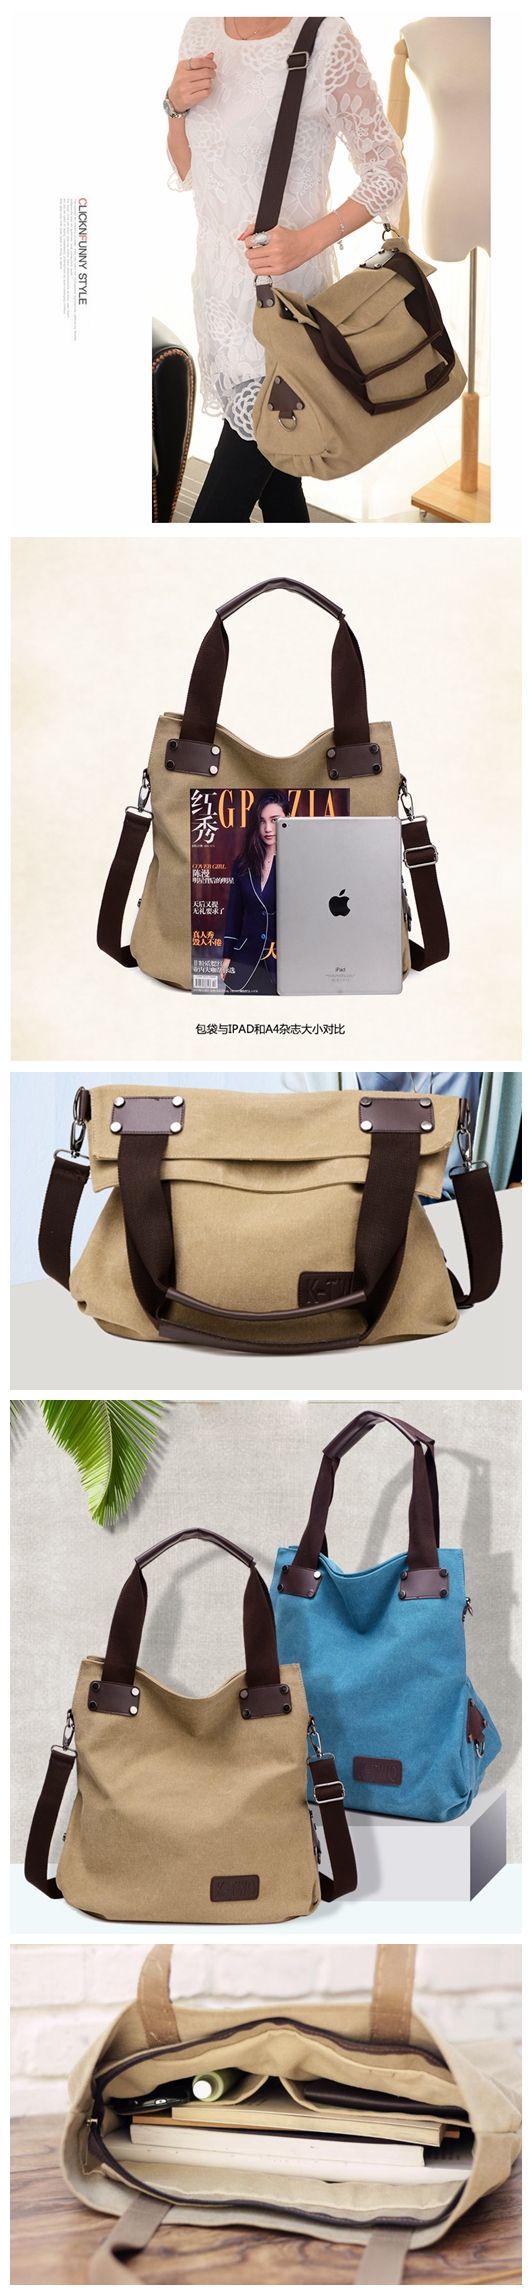 Canvas Leather Satchel Bag, Waxed Canvas Messenger Bag Crossbody Bag Shoulder Bag